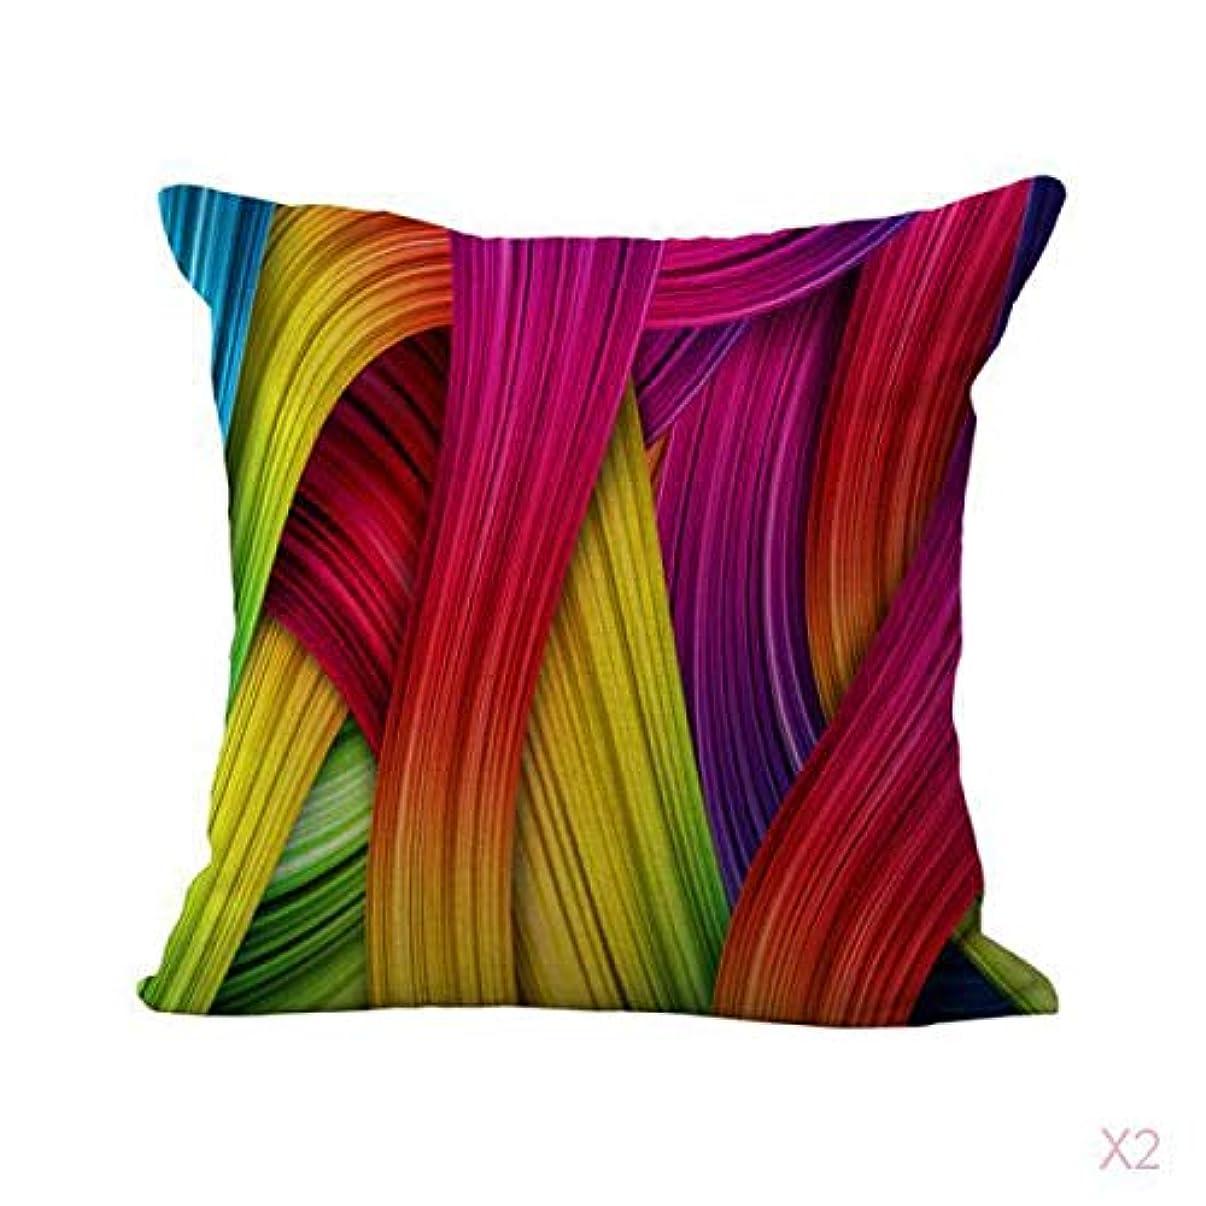 長老山積みのベンチ色のリボンプリントコットンリネンスロー枕カバークッションカバー装飾